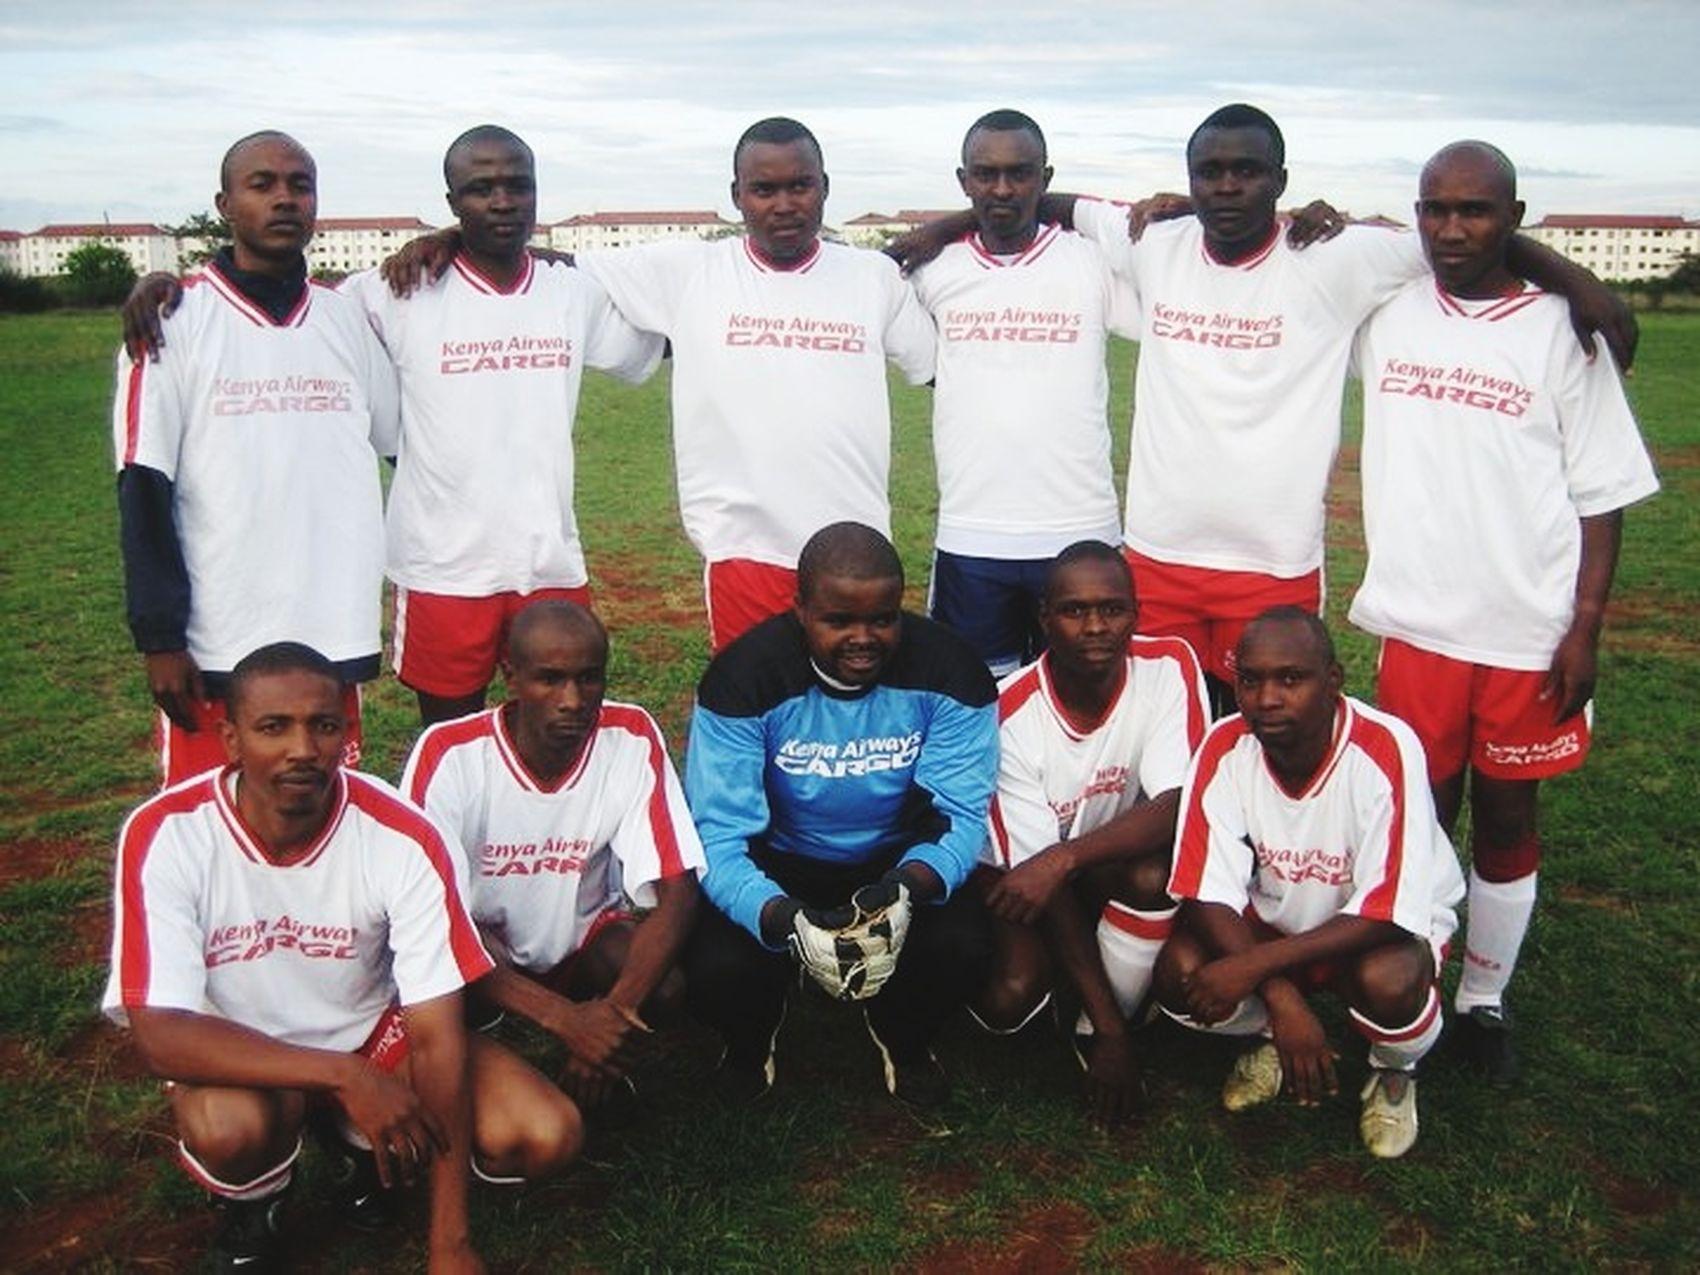 My Kenya airways coo department football team.